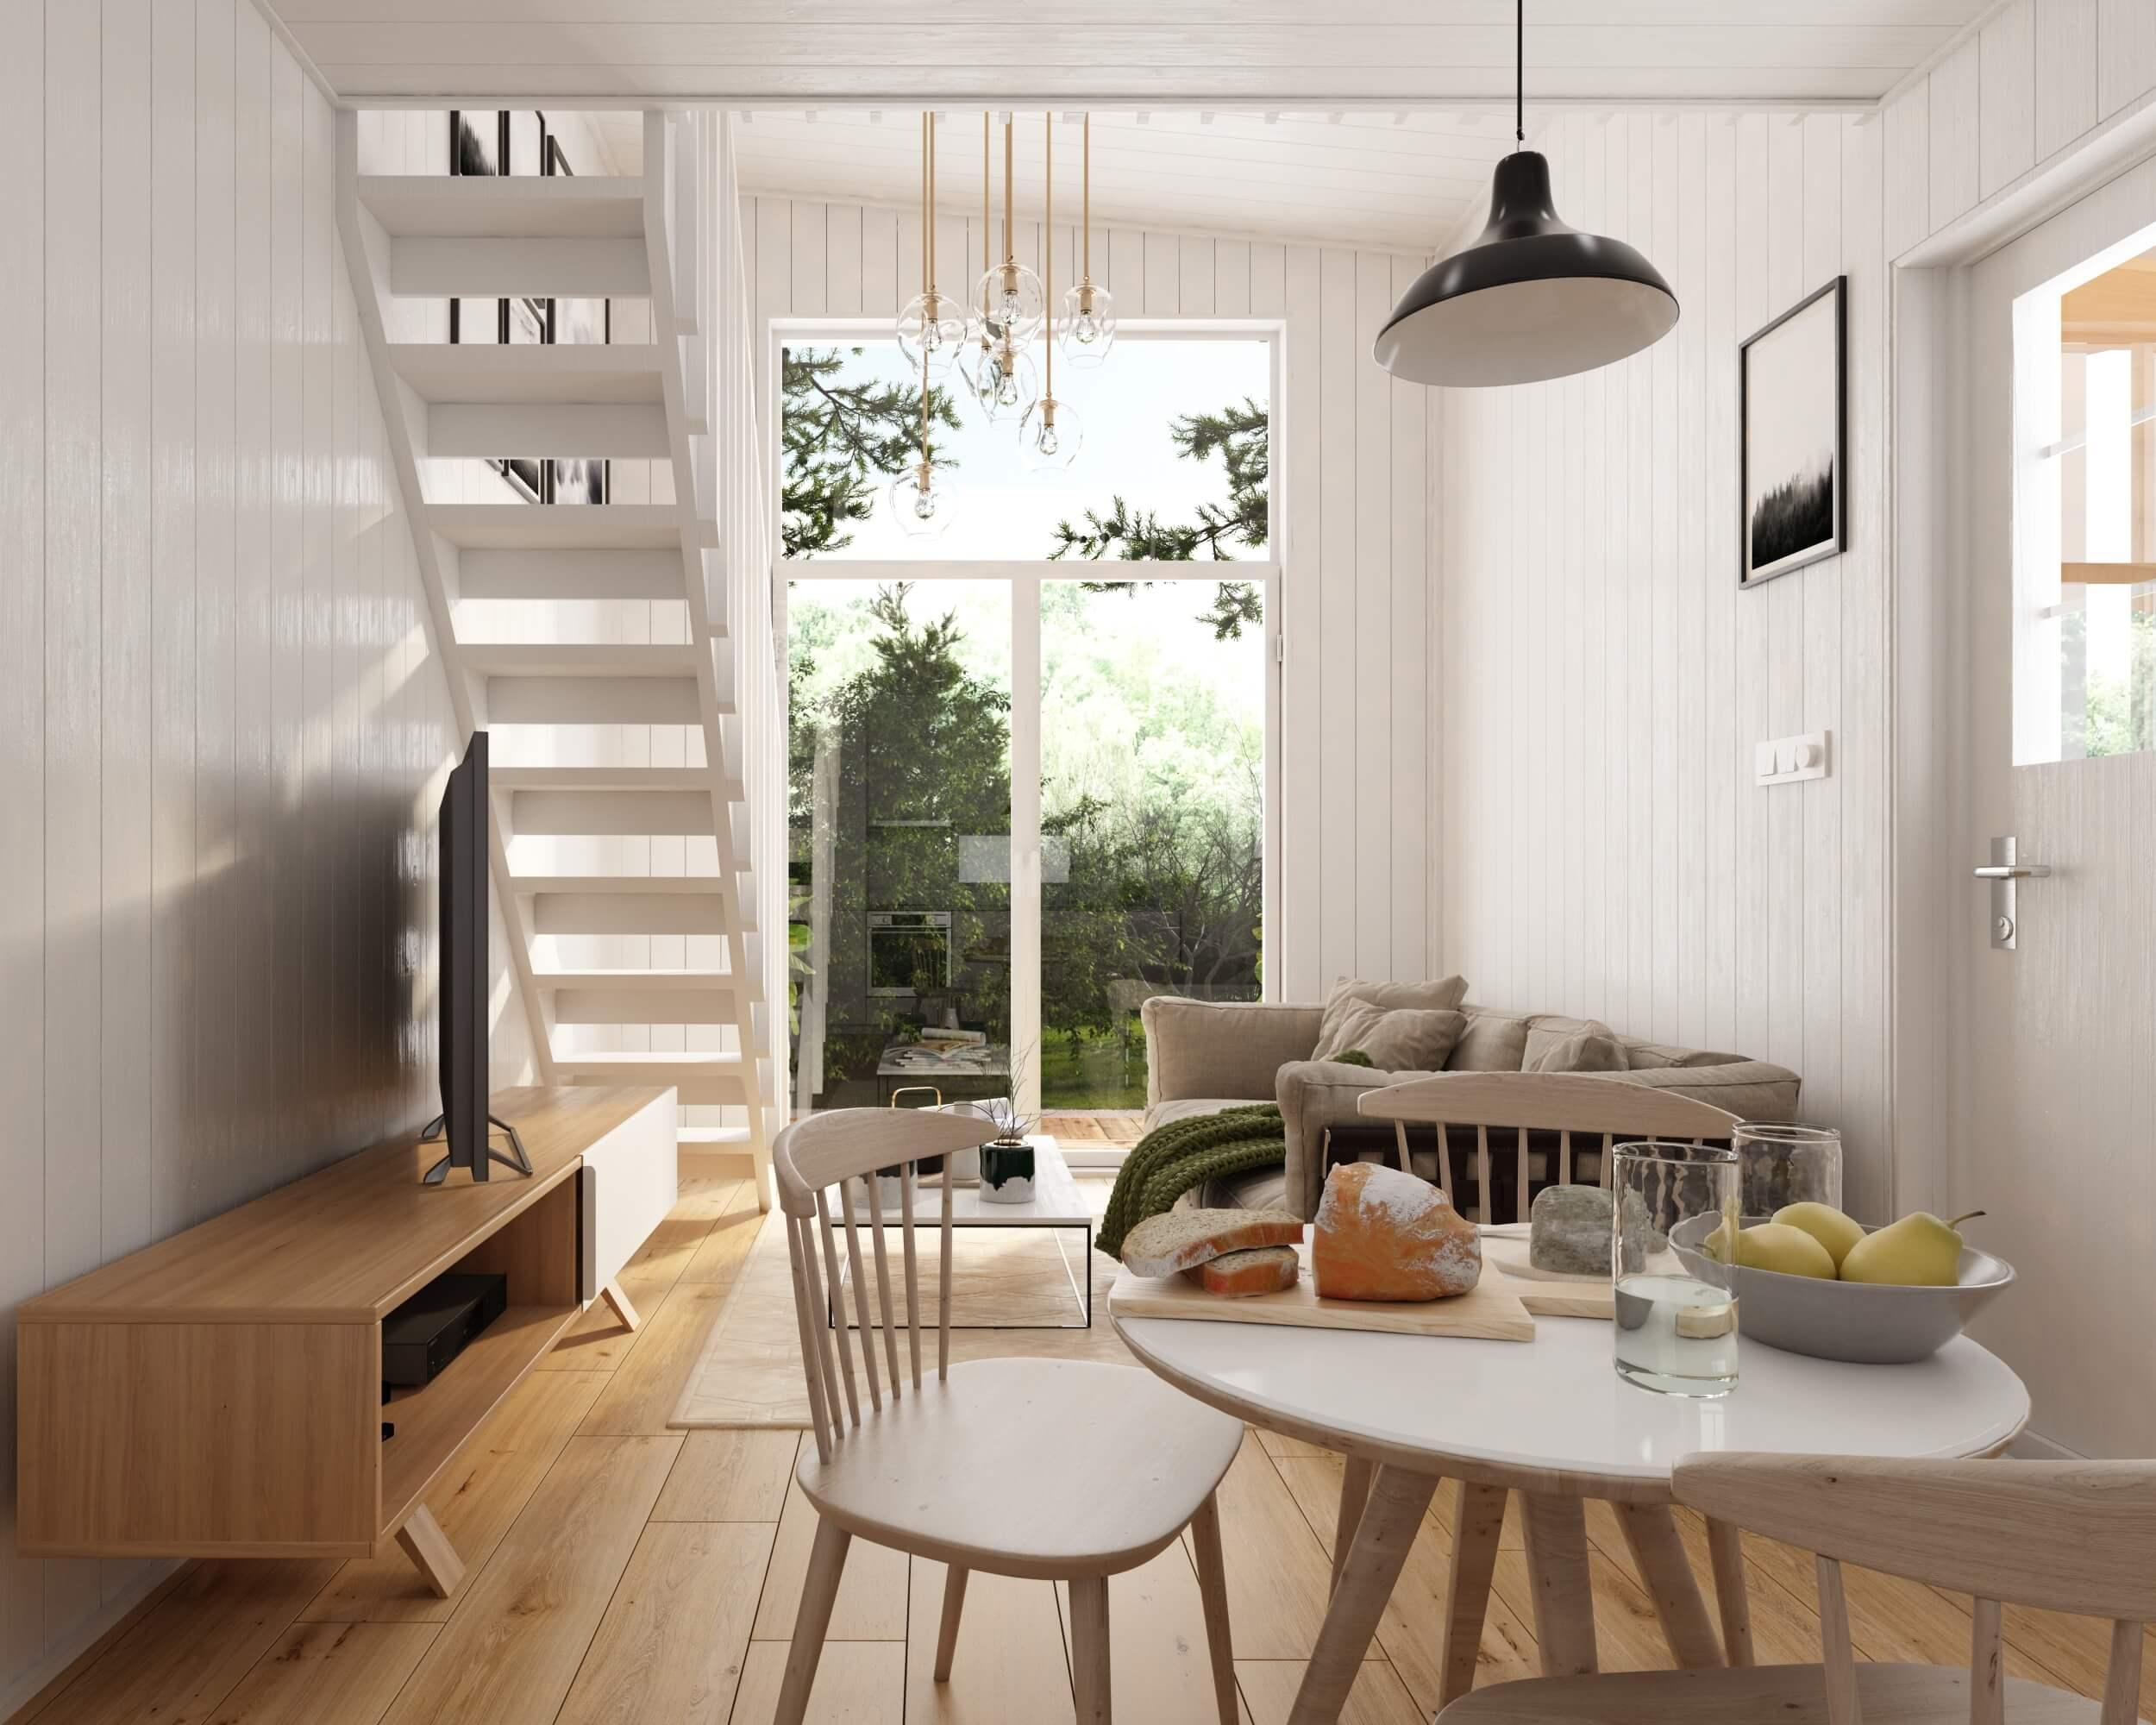 Allrum med soffta, matbord och trappa upp till loft i Attefallshus med pulpettak